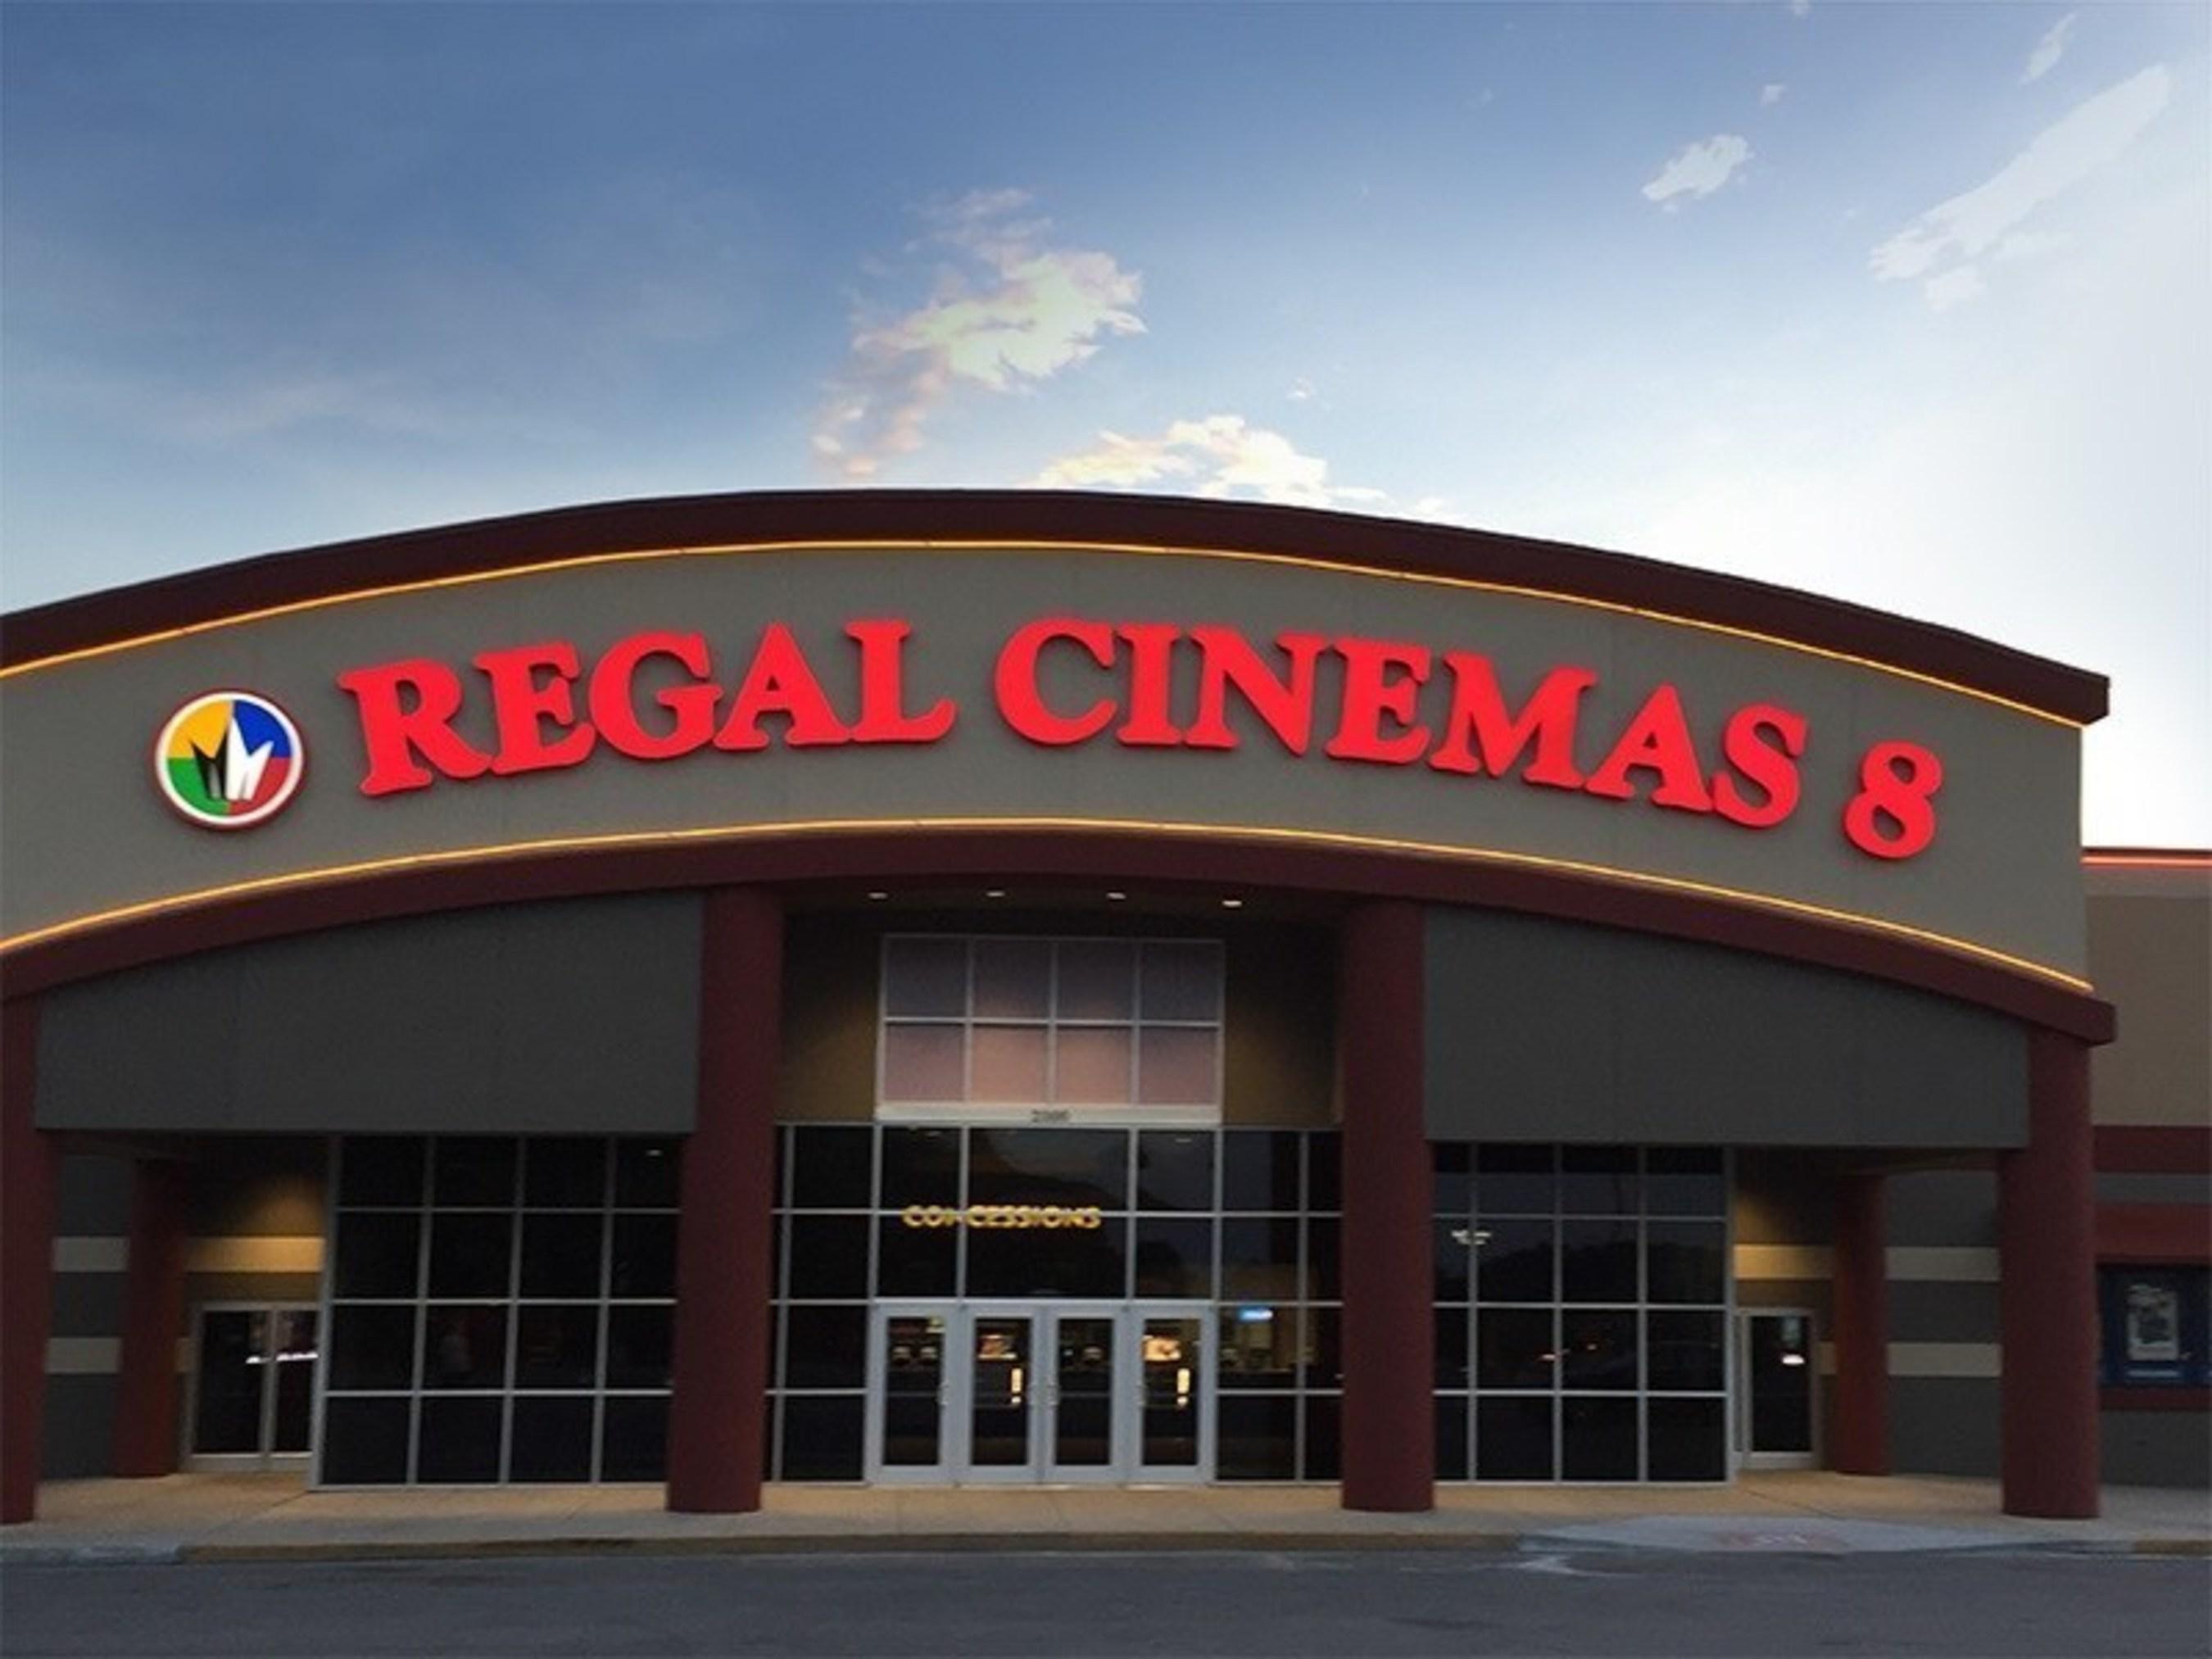 Image Caption: Regal Hamilton Place 8 Image Source: Regal Entertainment Group